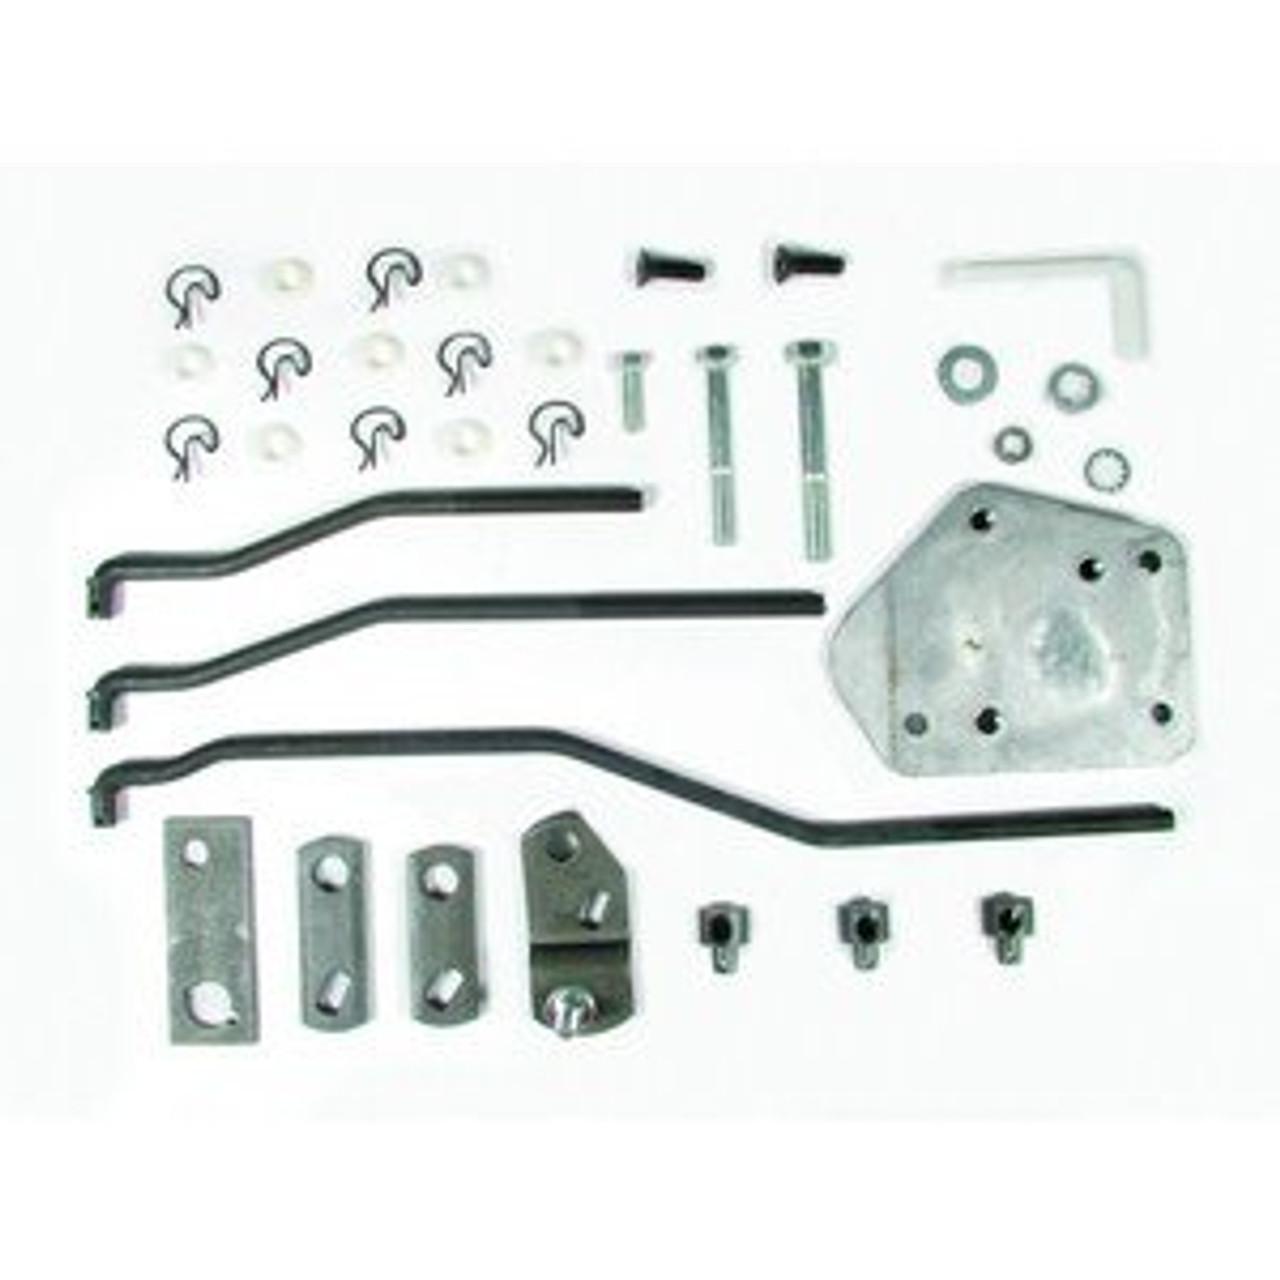 Hurst 3737637 Shifter Installation Kit for Ford Mustang 302 /& 351